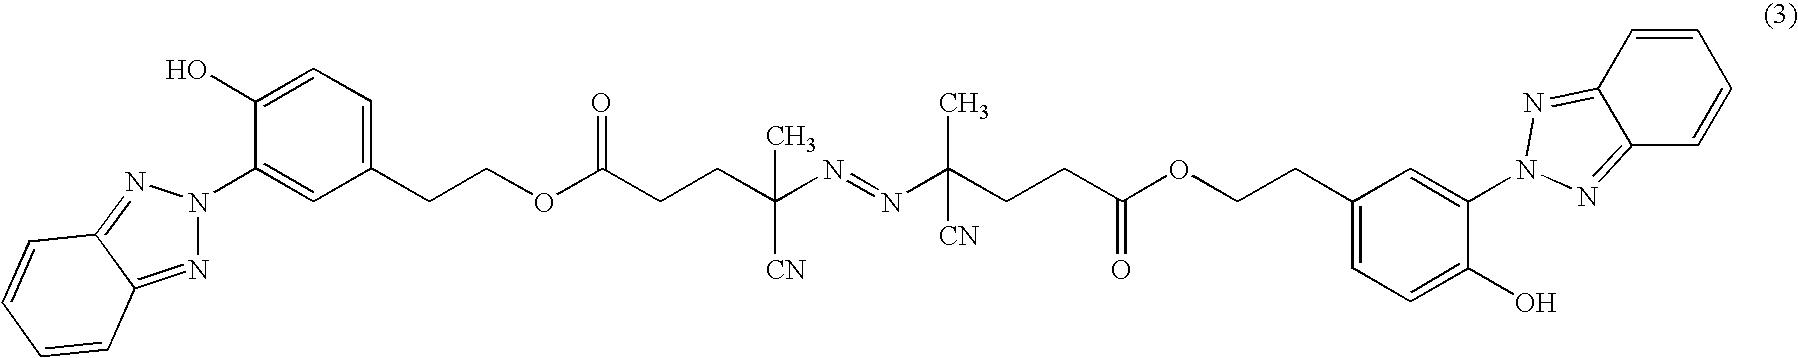 Figure US07396942-20080708-C00004